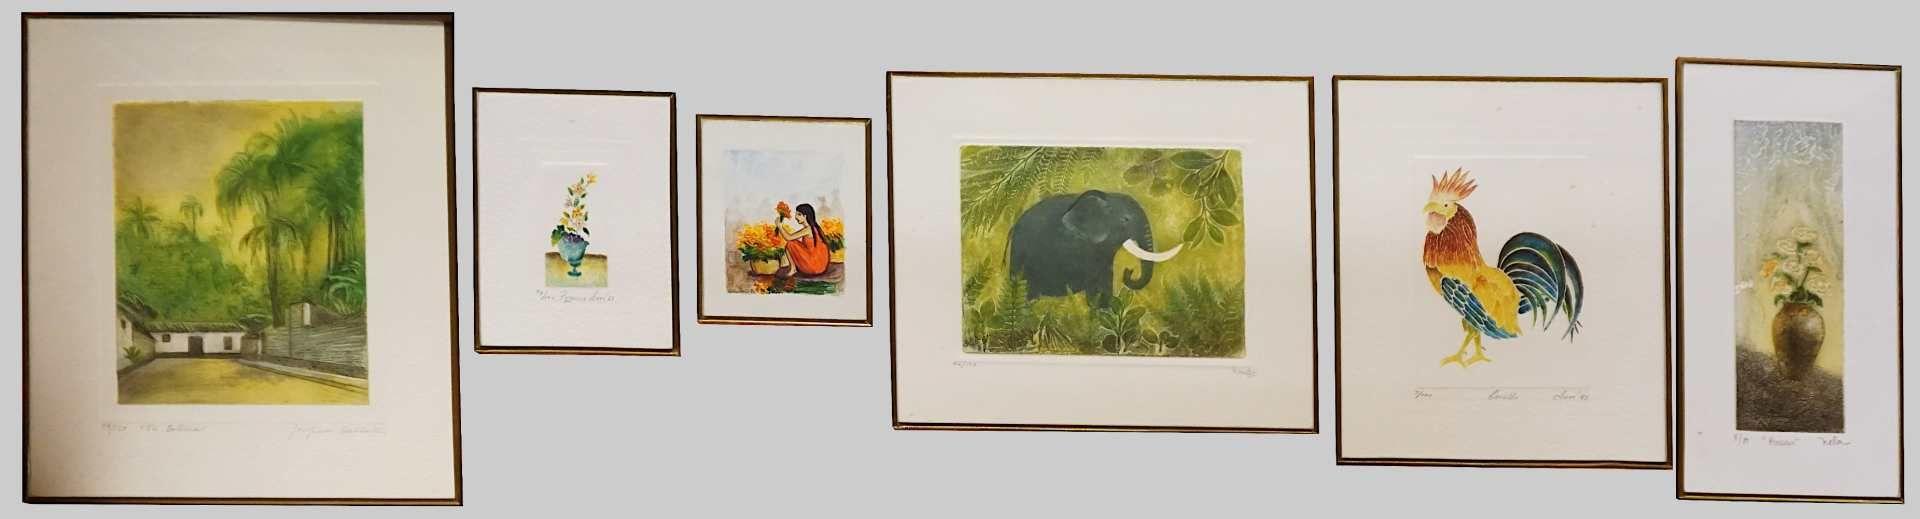 1 Konv. Mischtechniken z.T. Mexiko 1980er Jahre versch. Künstler Mela GAOS, Josefina BALLESTER, - Bild 2 aus 2